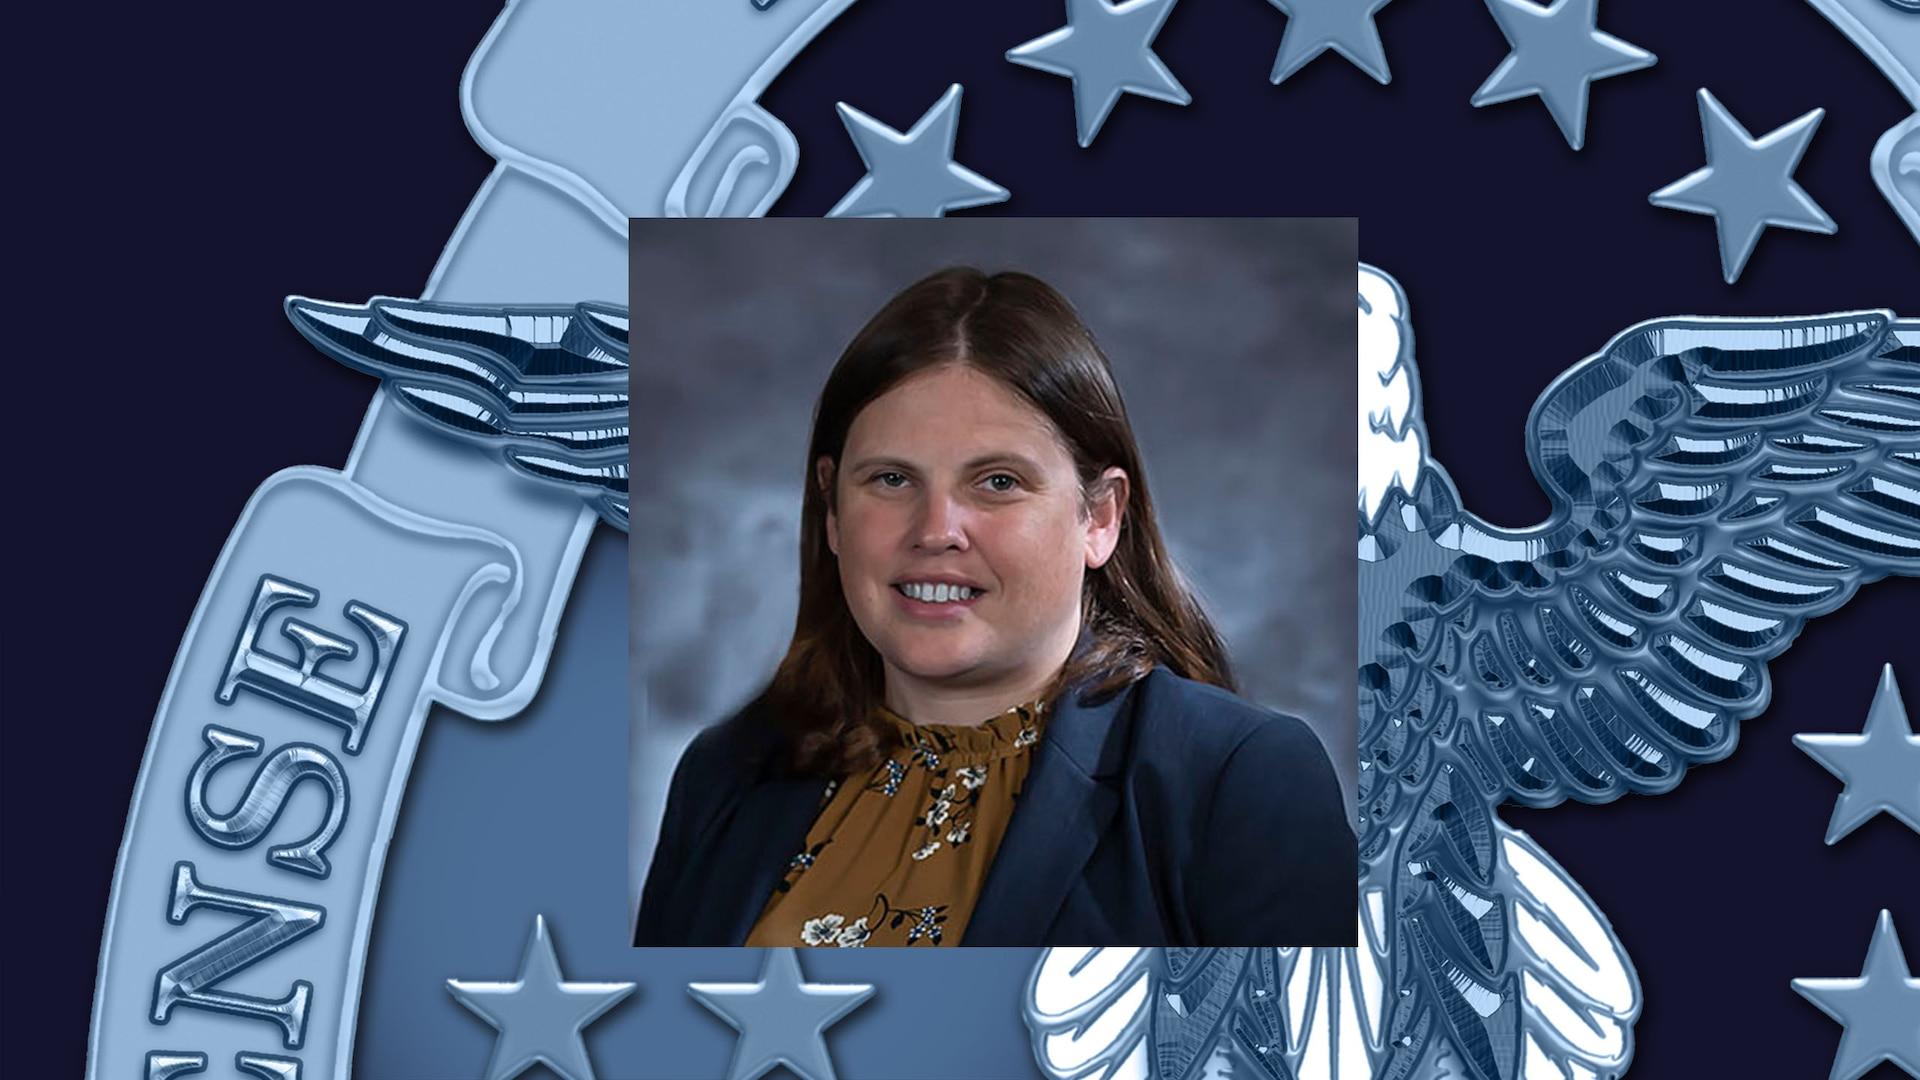 Chrissy Schall